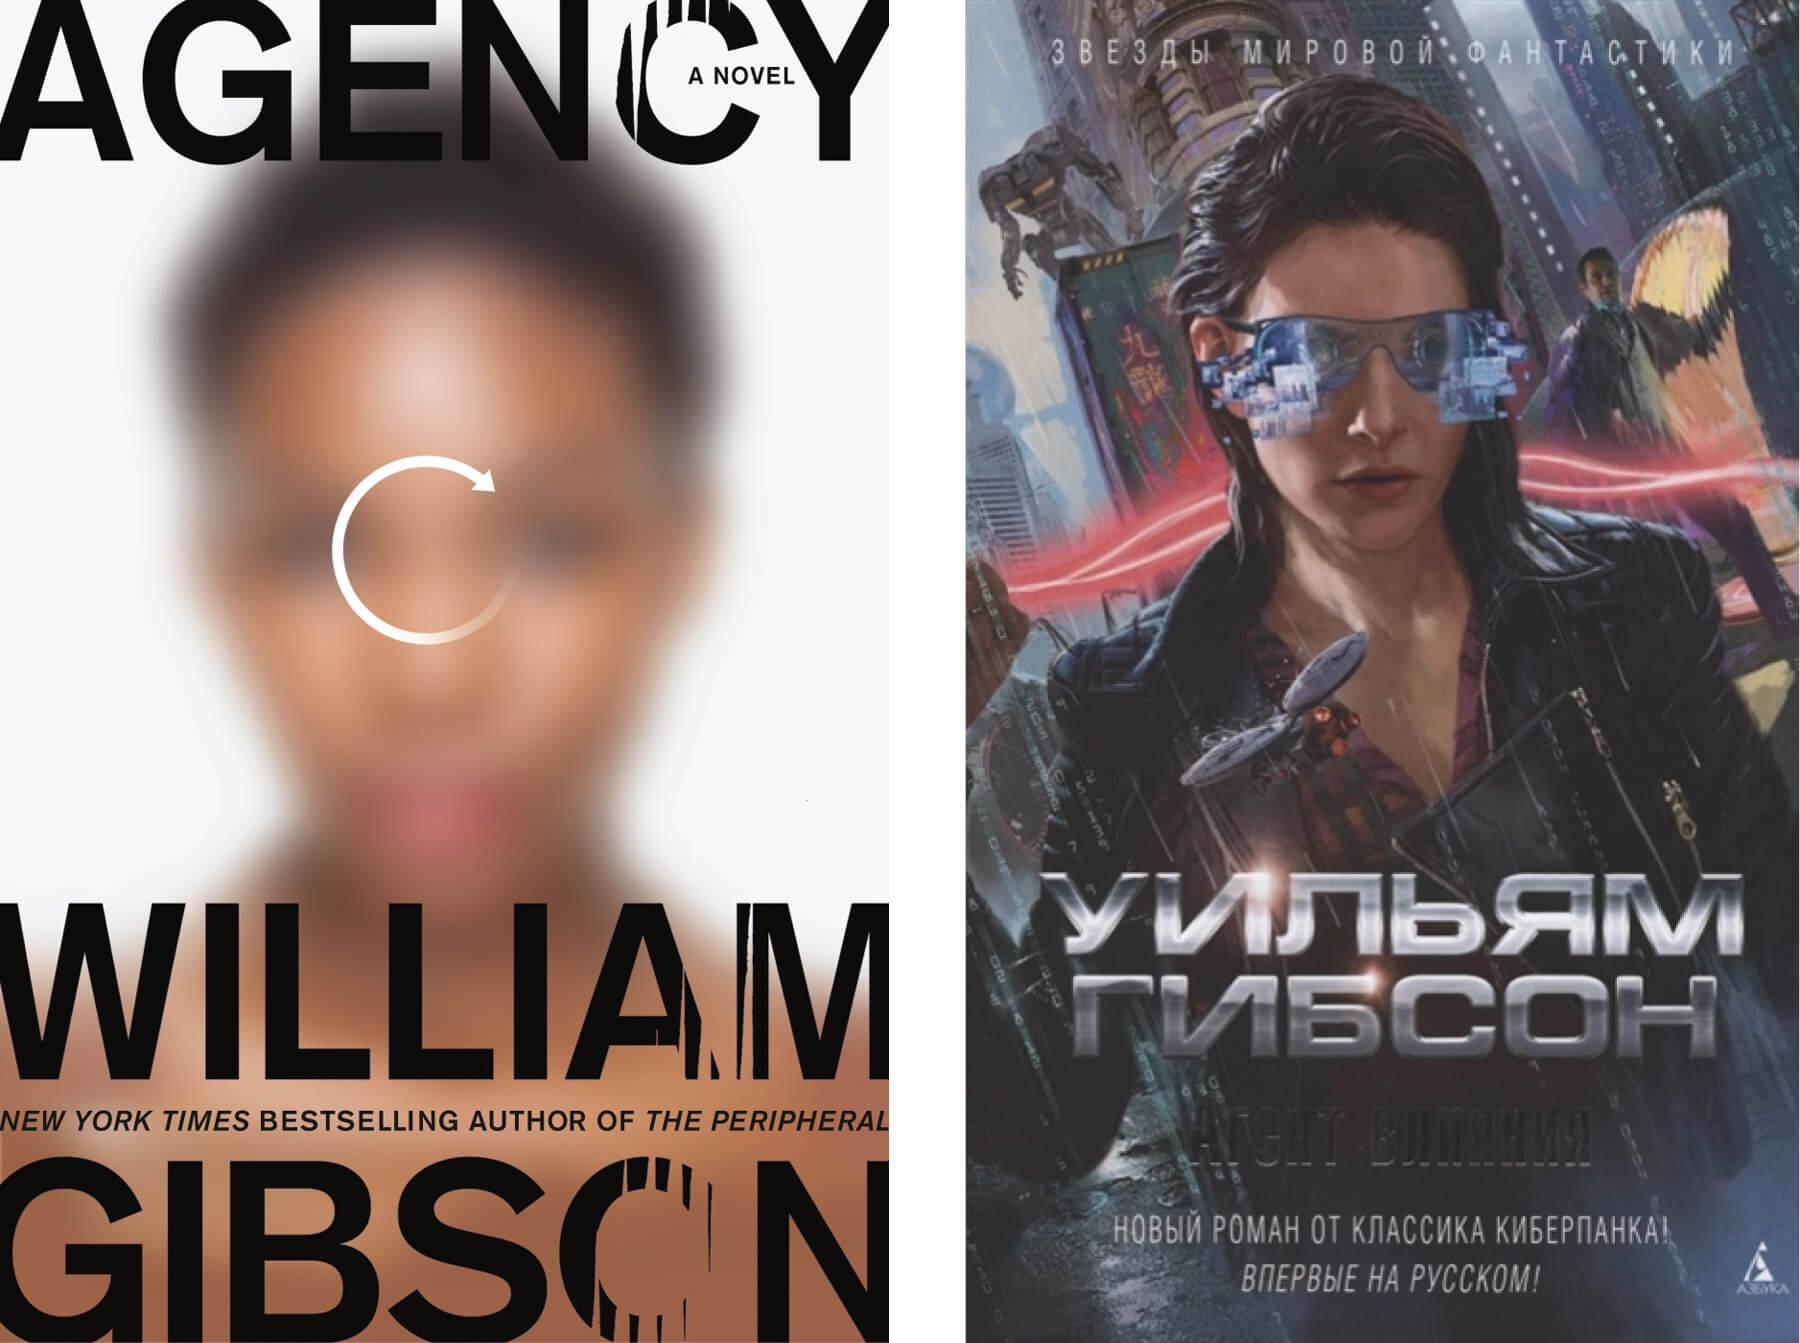 Обложки книги «Агент влияния» — оригинальная ирусскоязычная